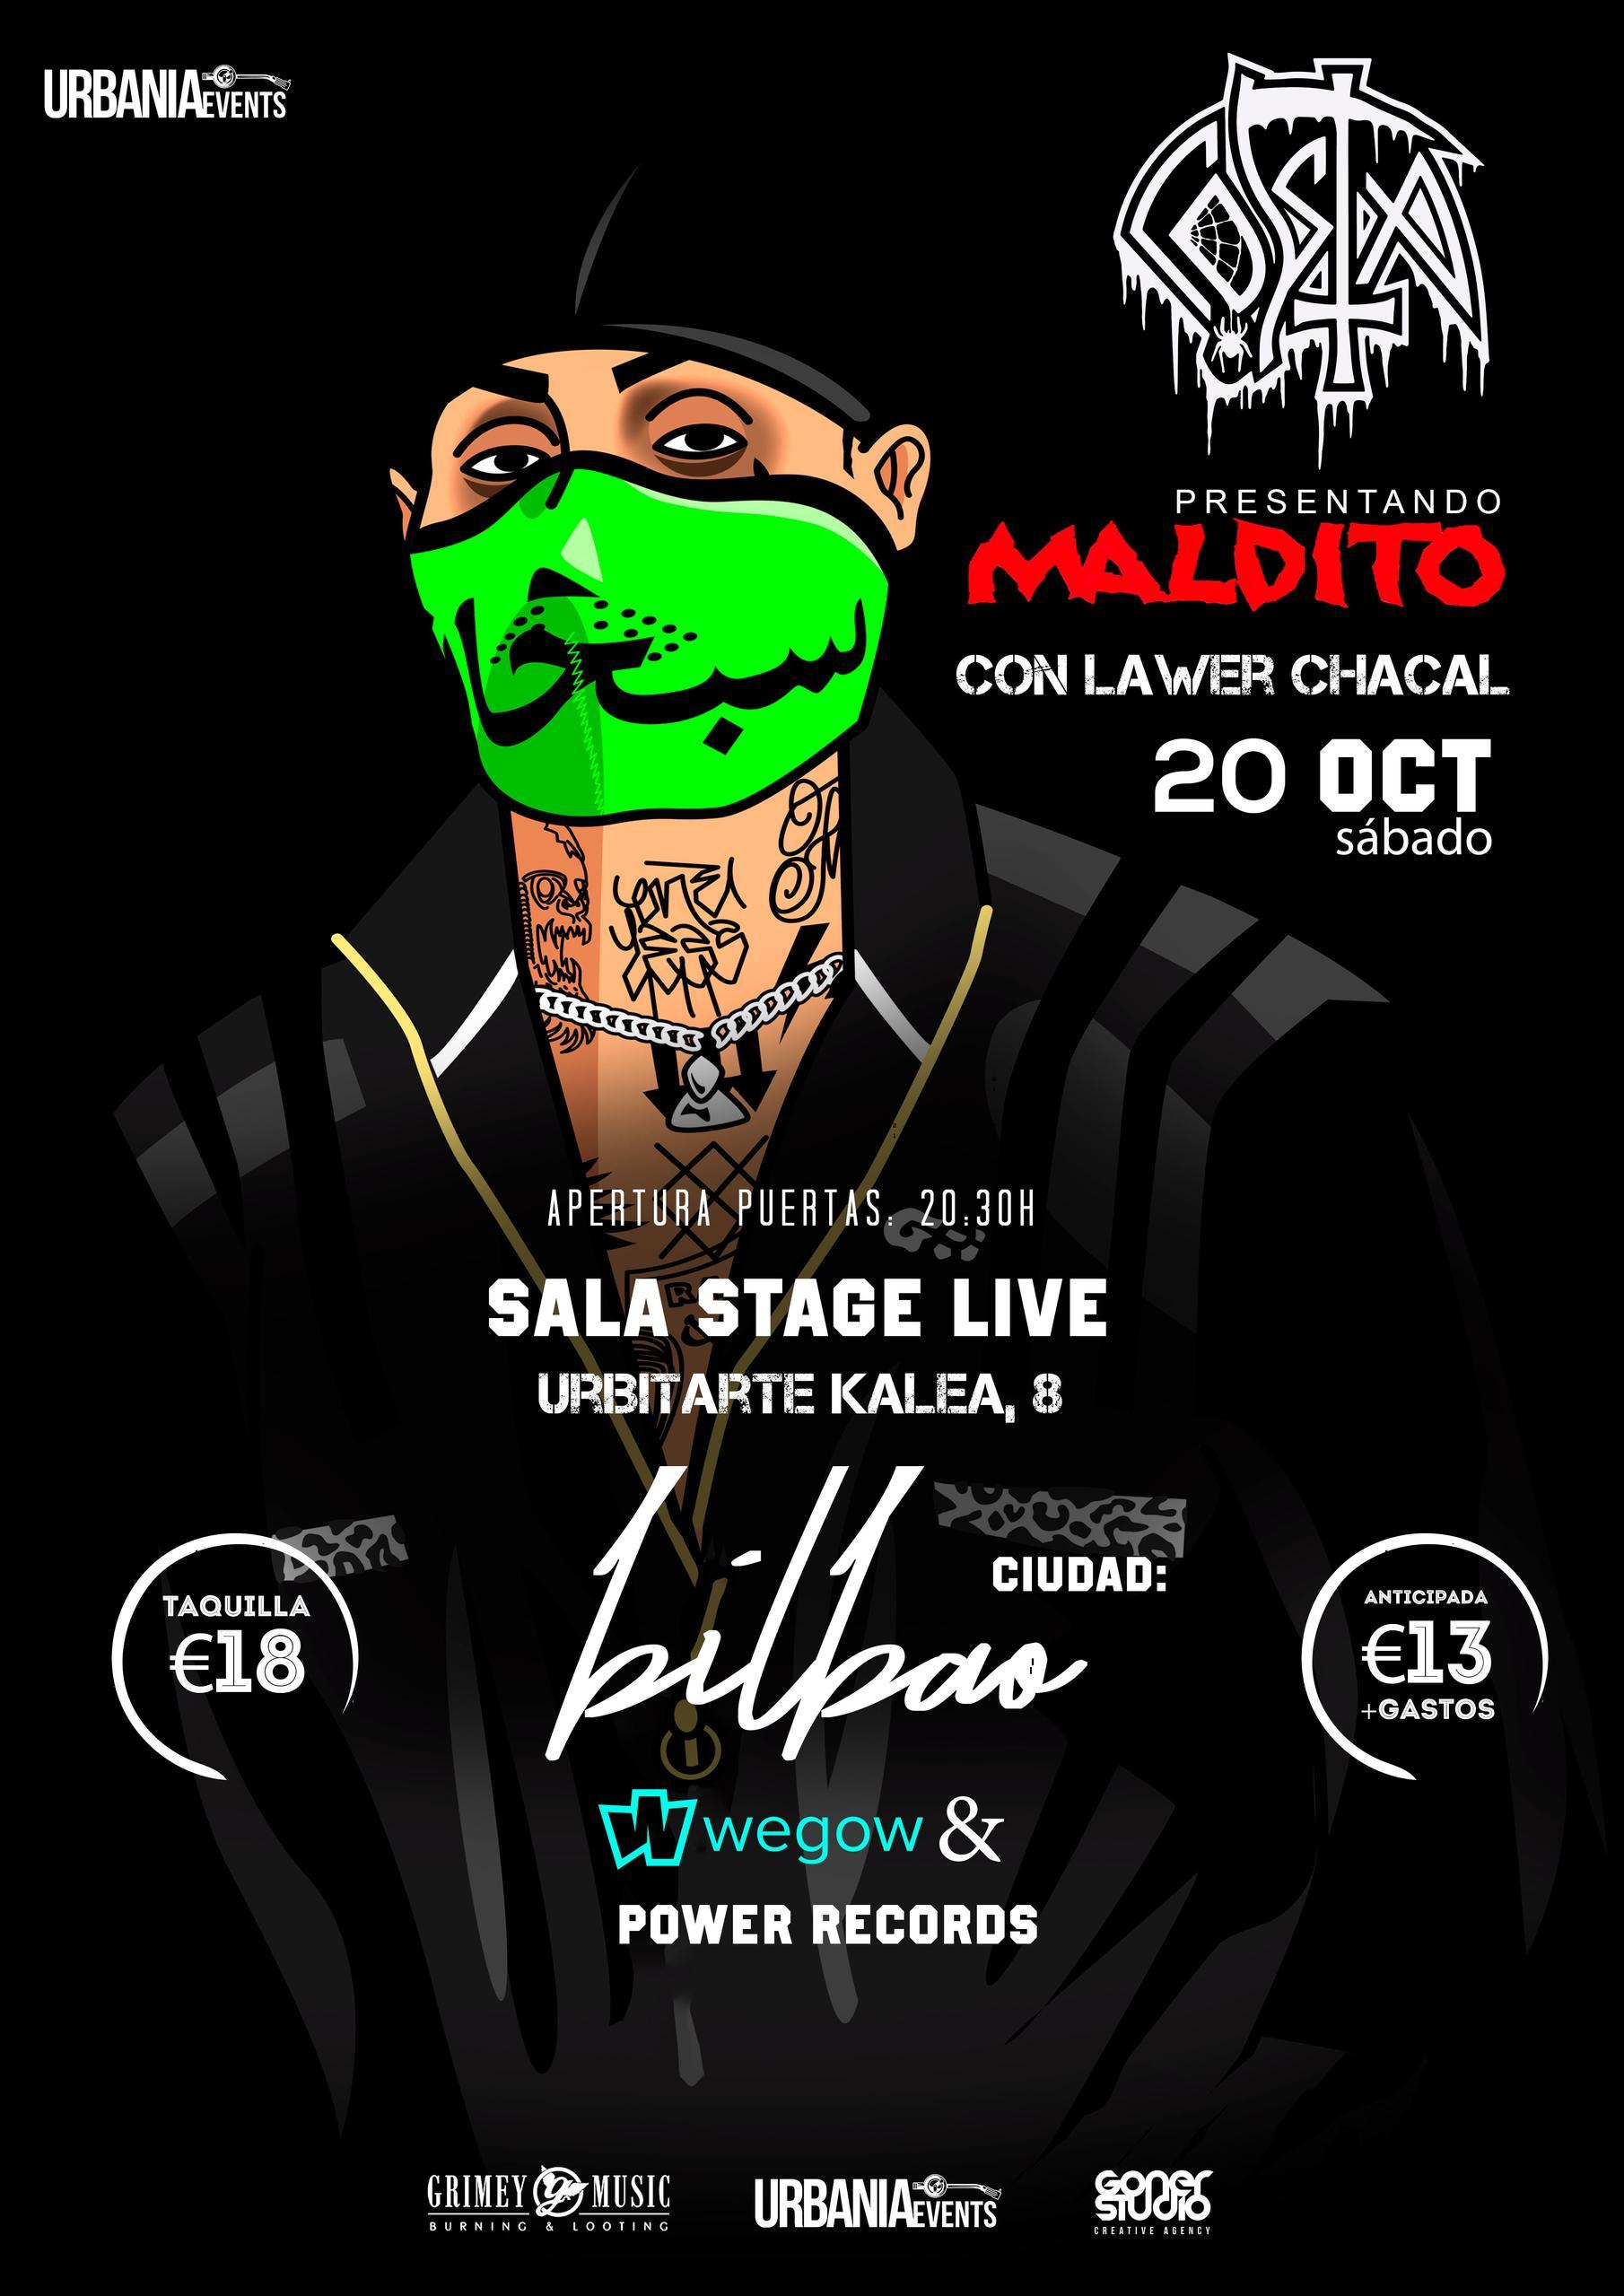 Concierto de Costa en la Sala Stage Live de Bilbao